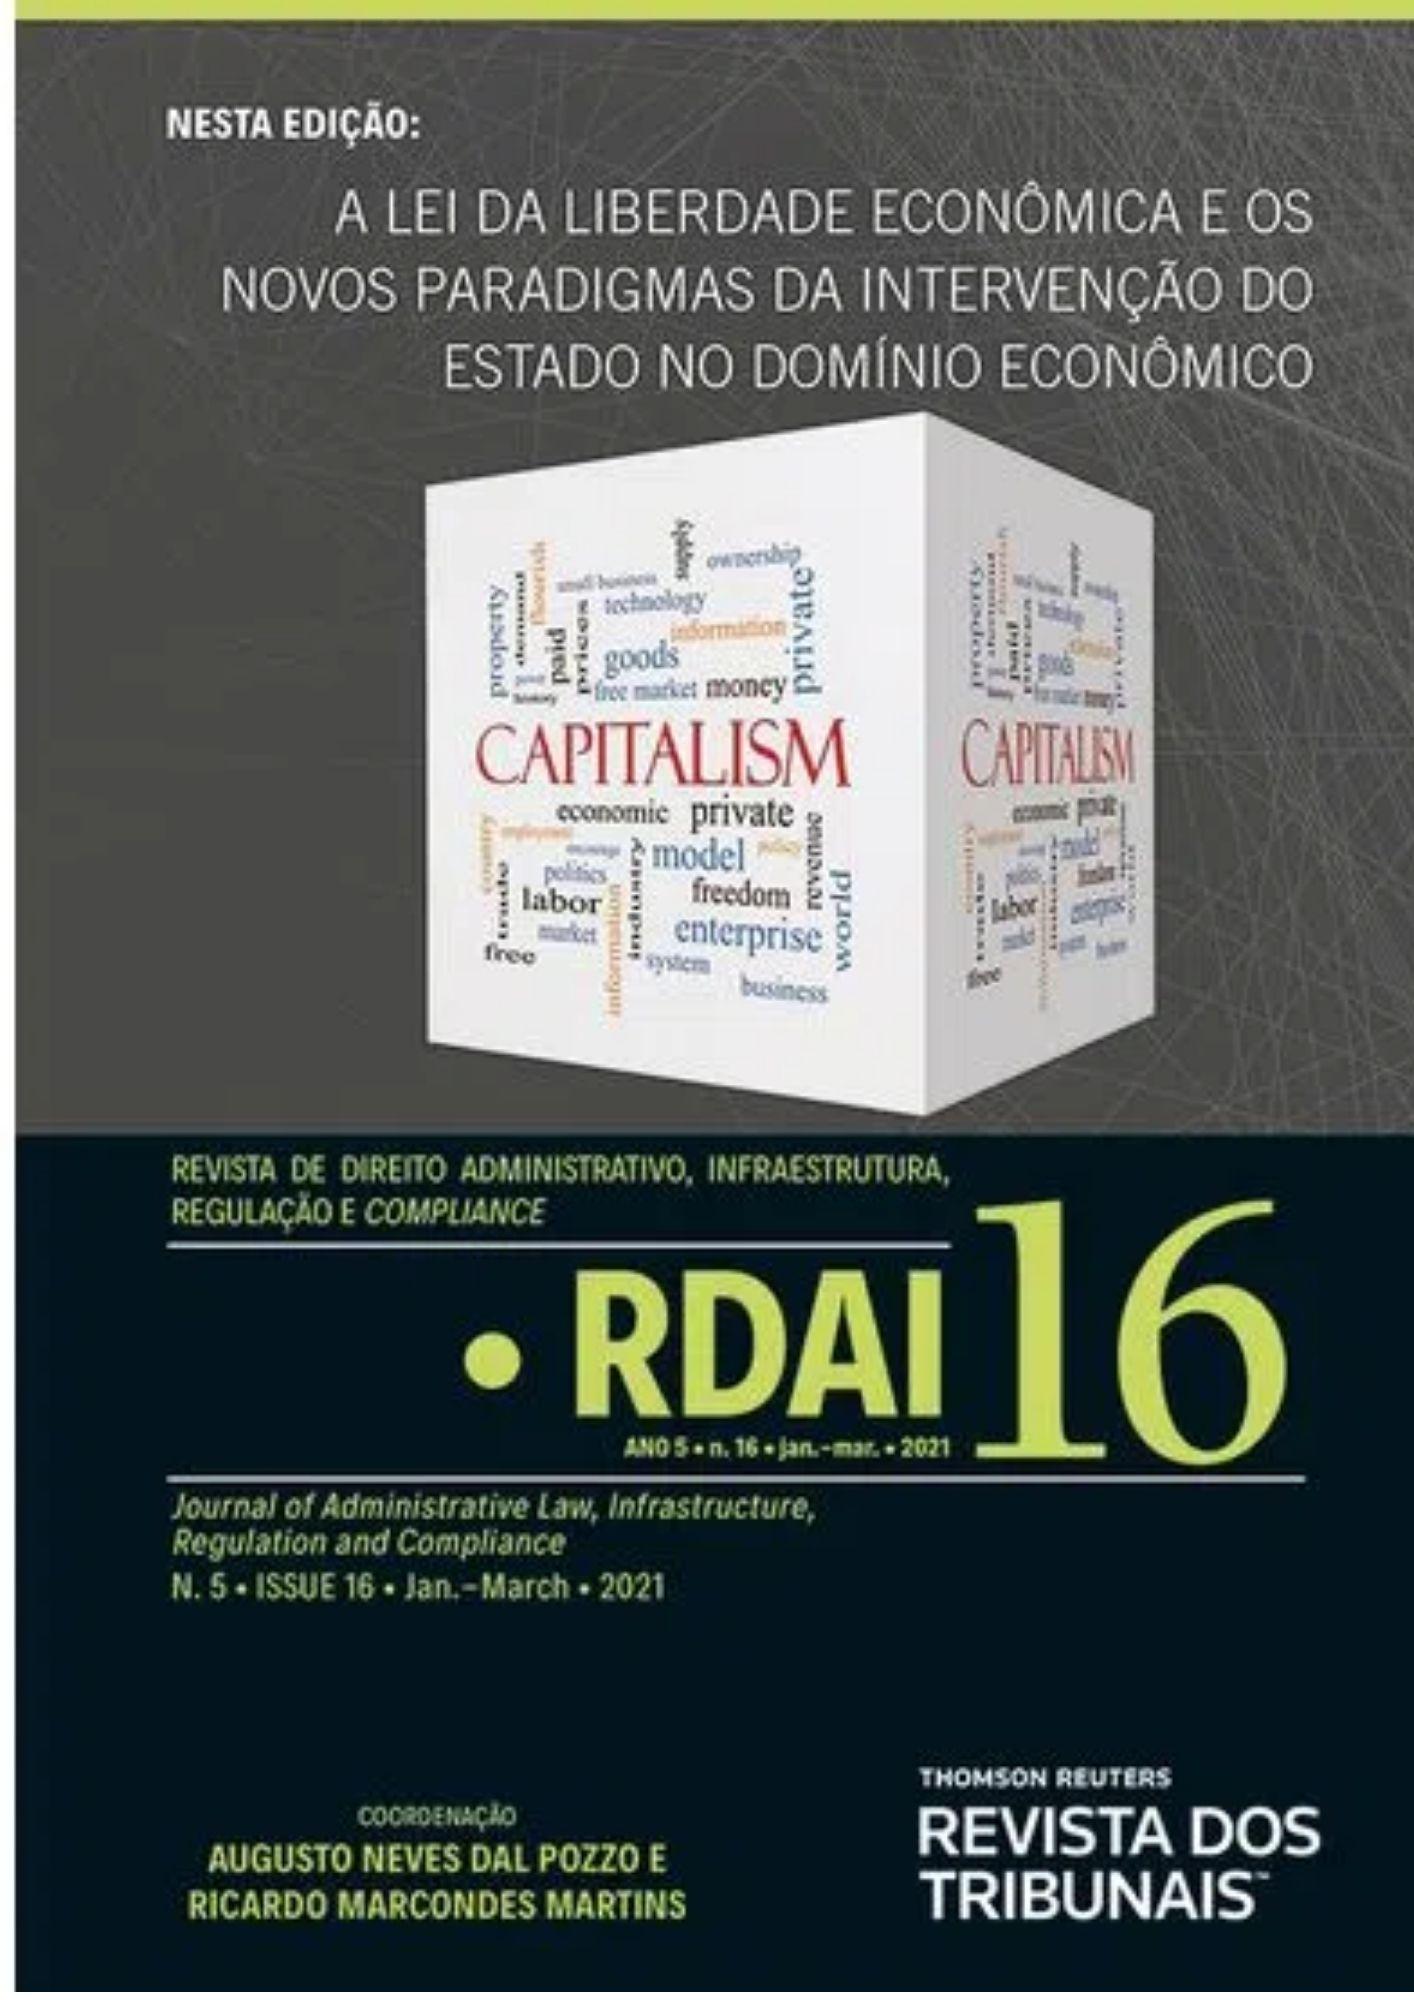 RDAI 16